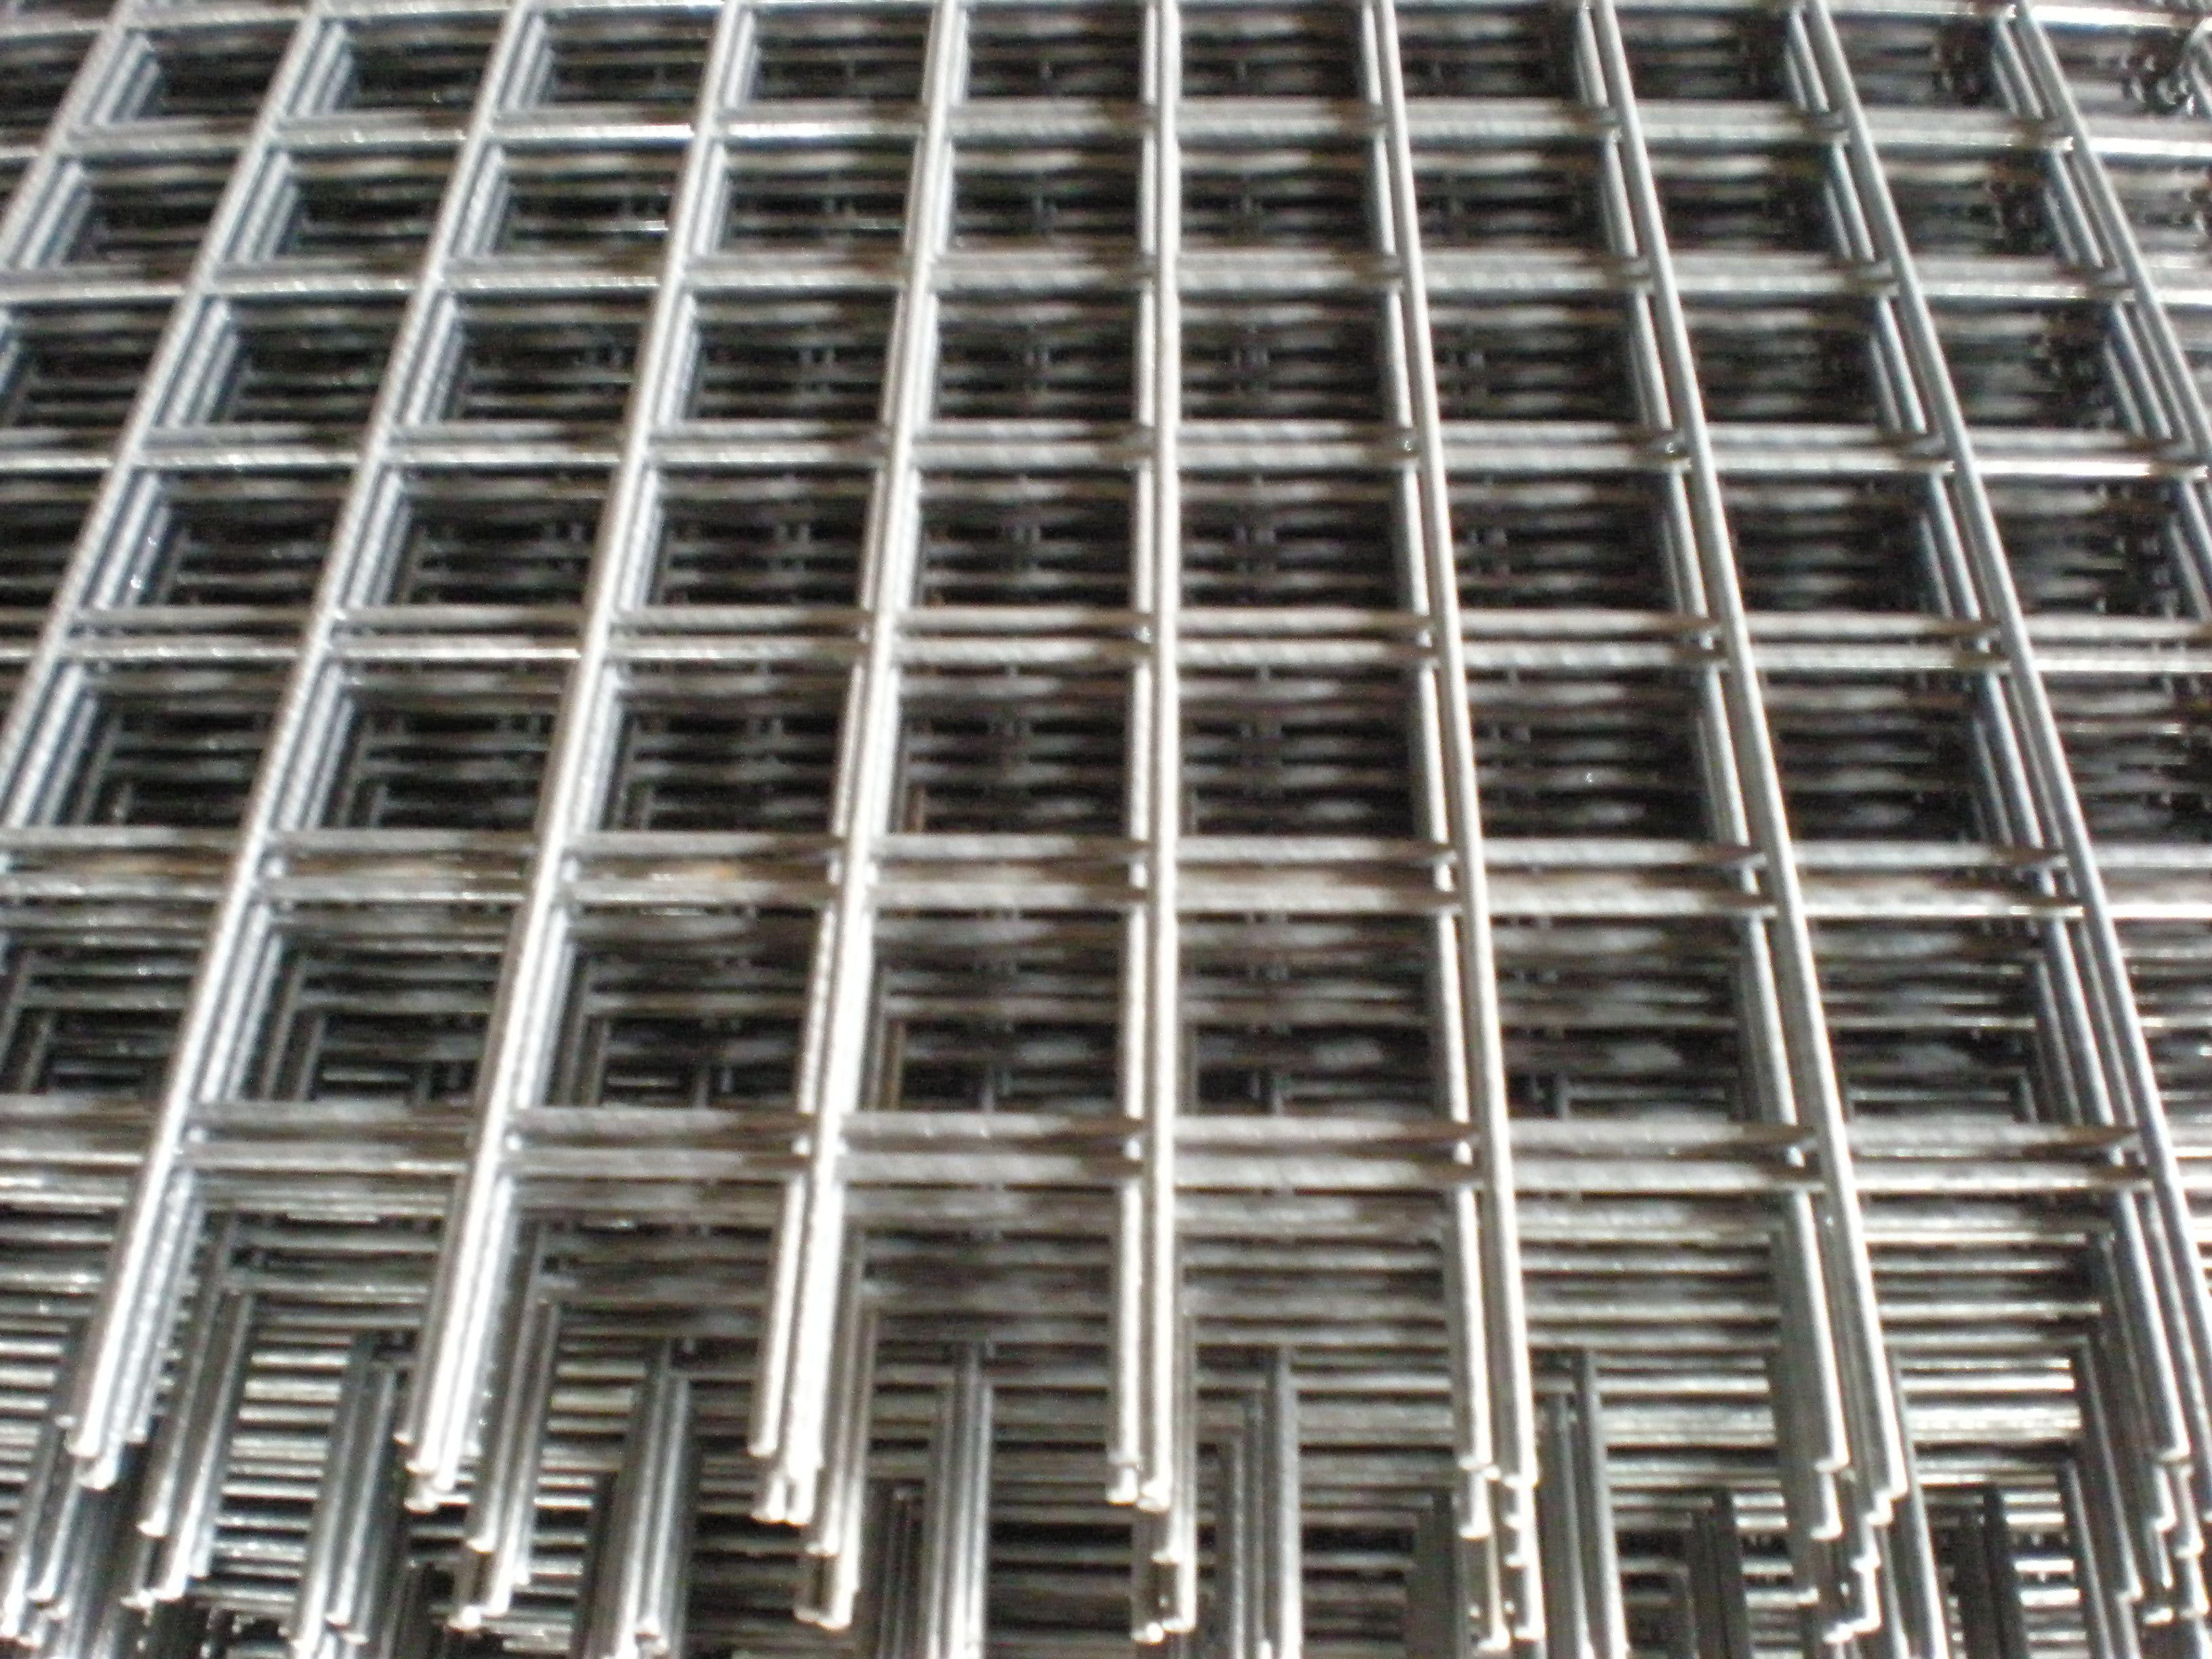 galvanized steel wire mesh | welded steel wire mesh | Pinterest ...